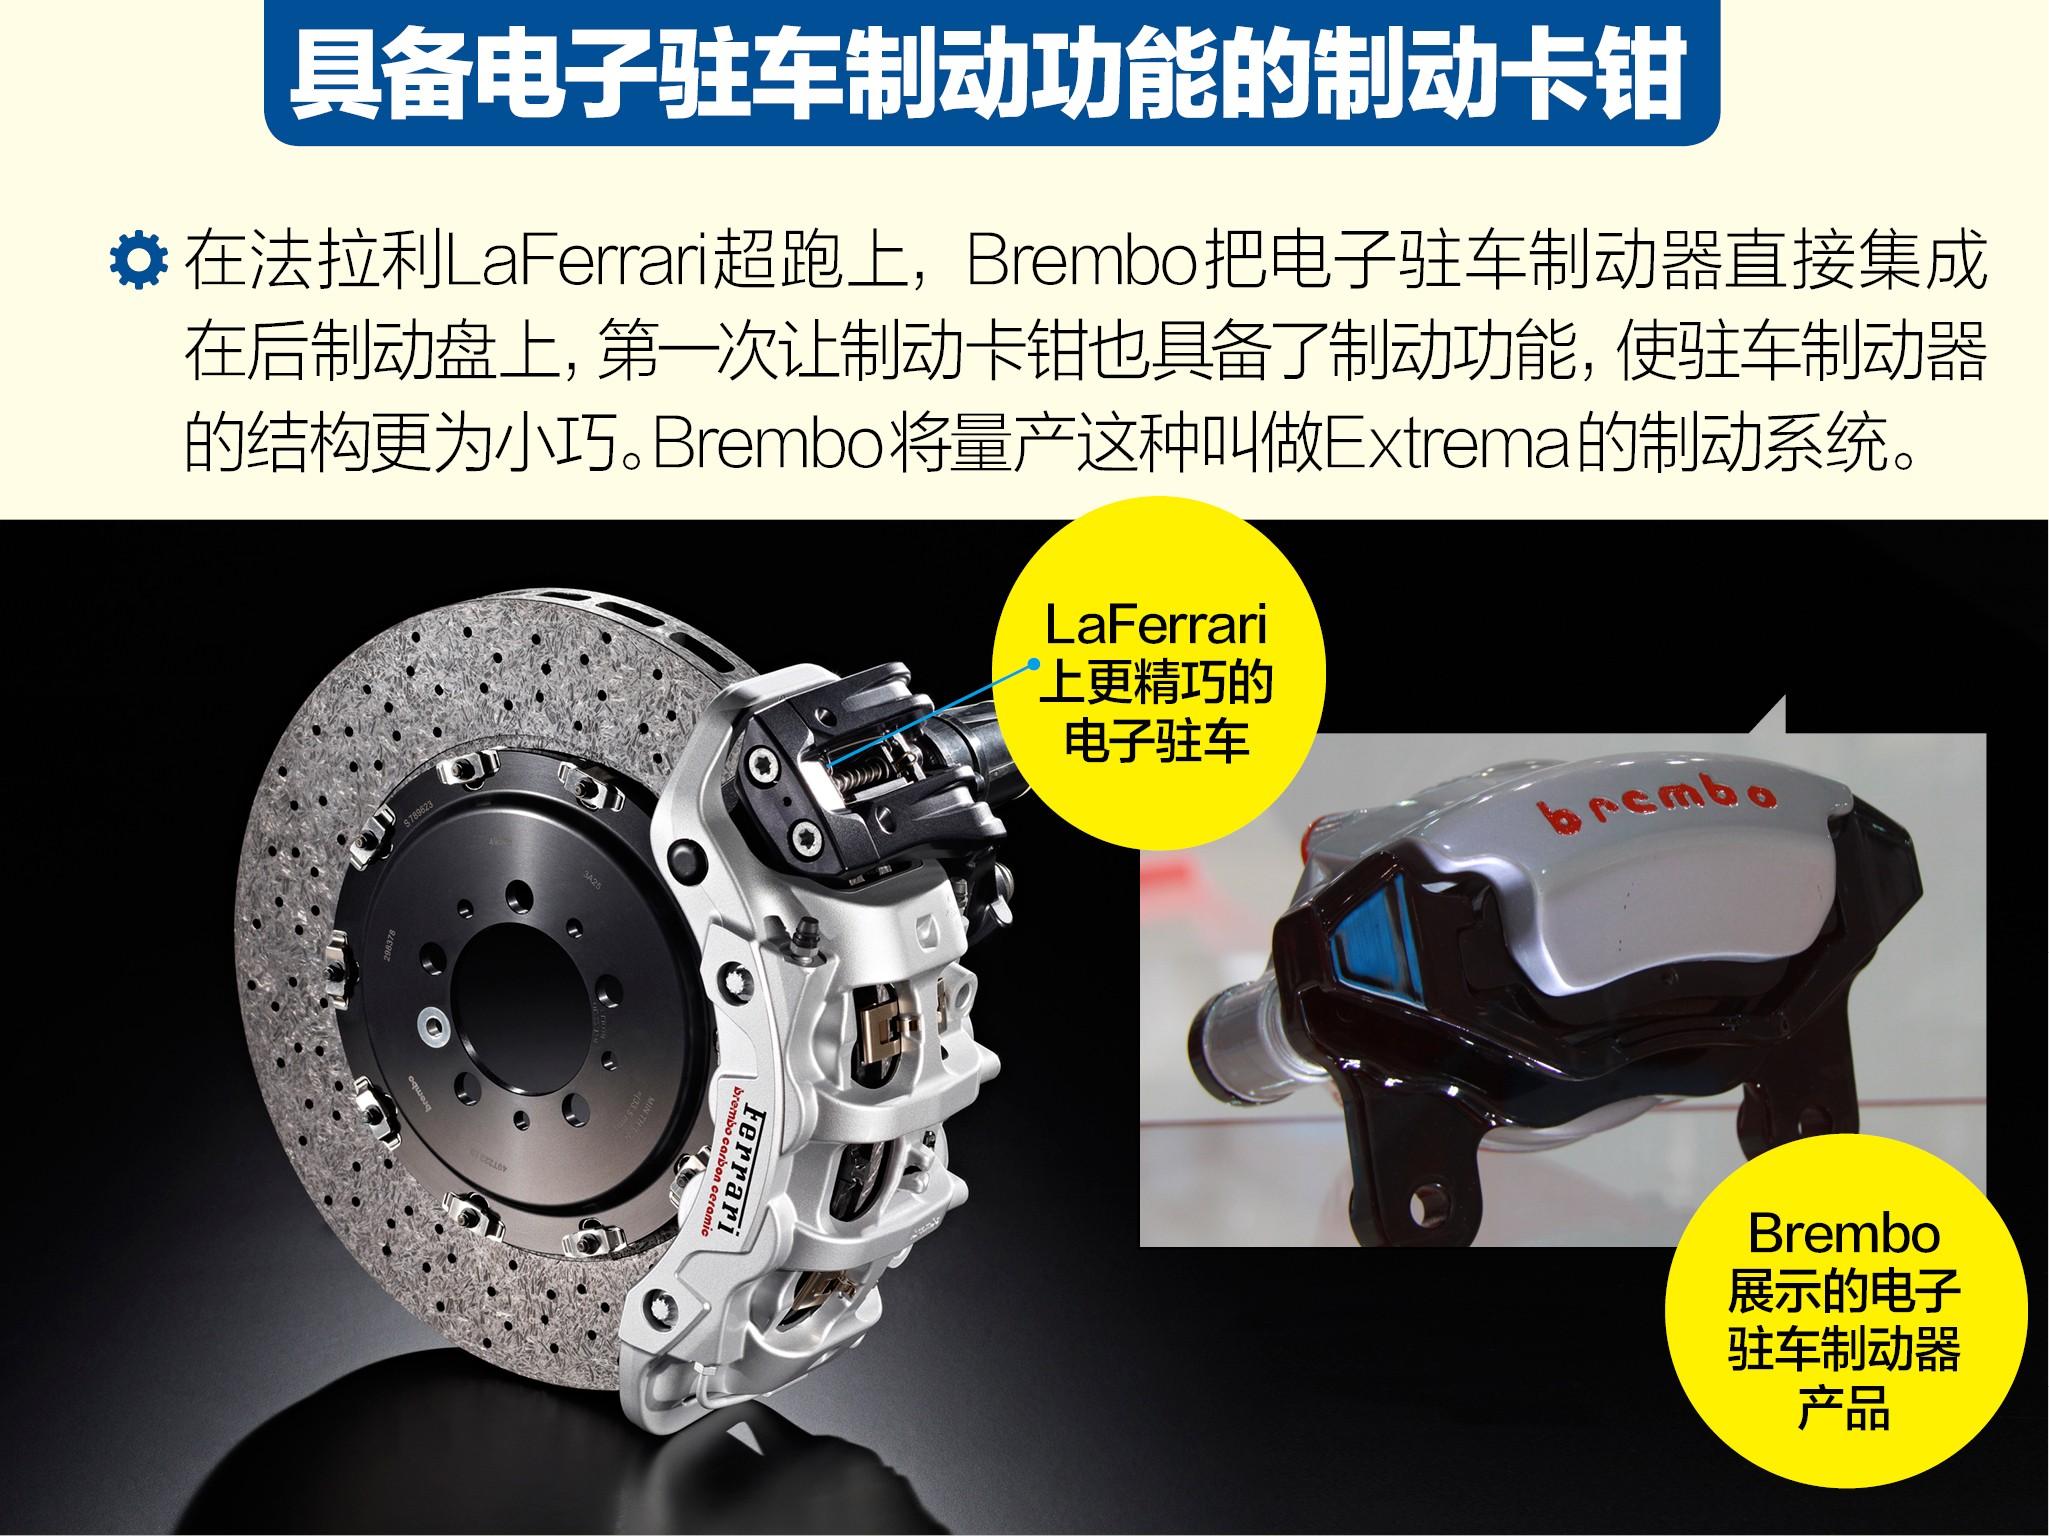 制动卡钳以及后轮电子驻车制动器,而制动盘则是brembo为法高清图片